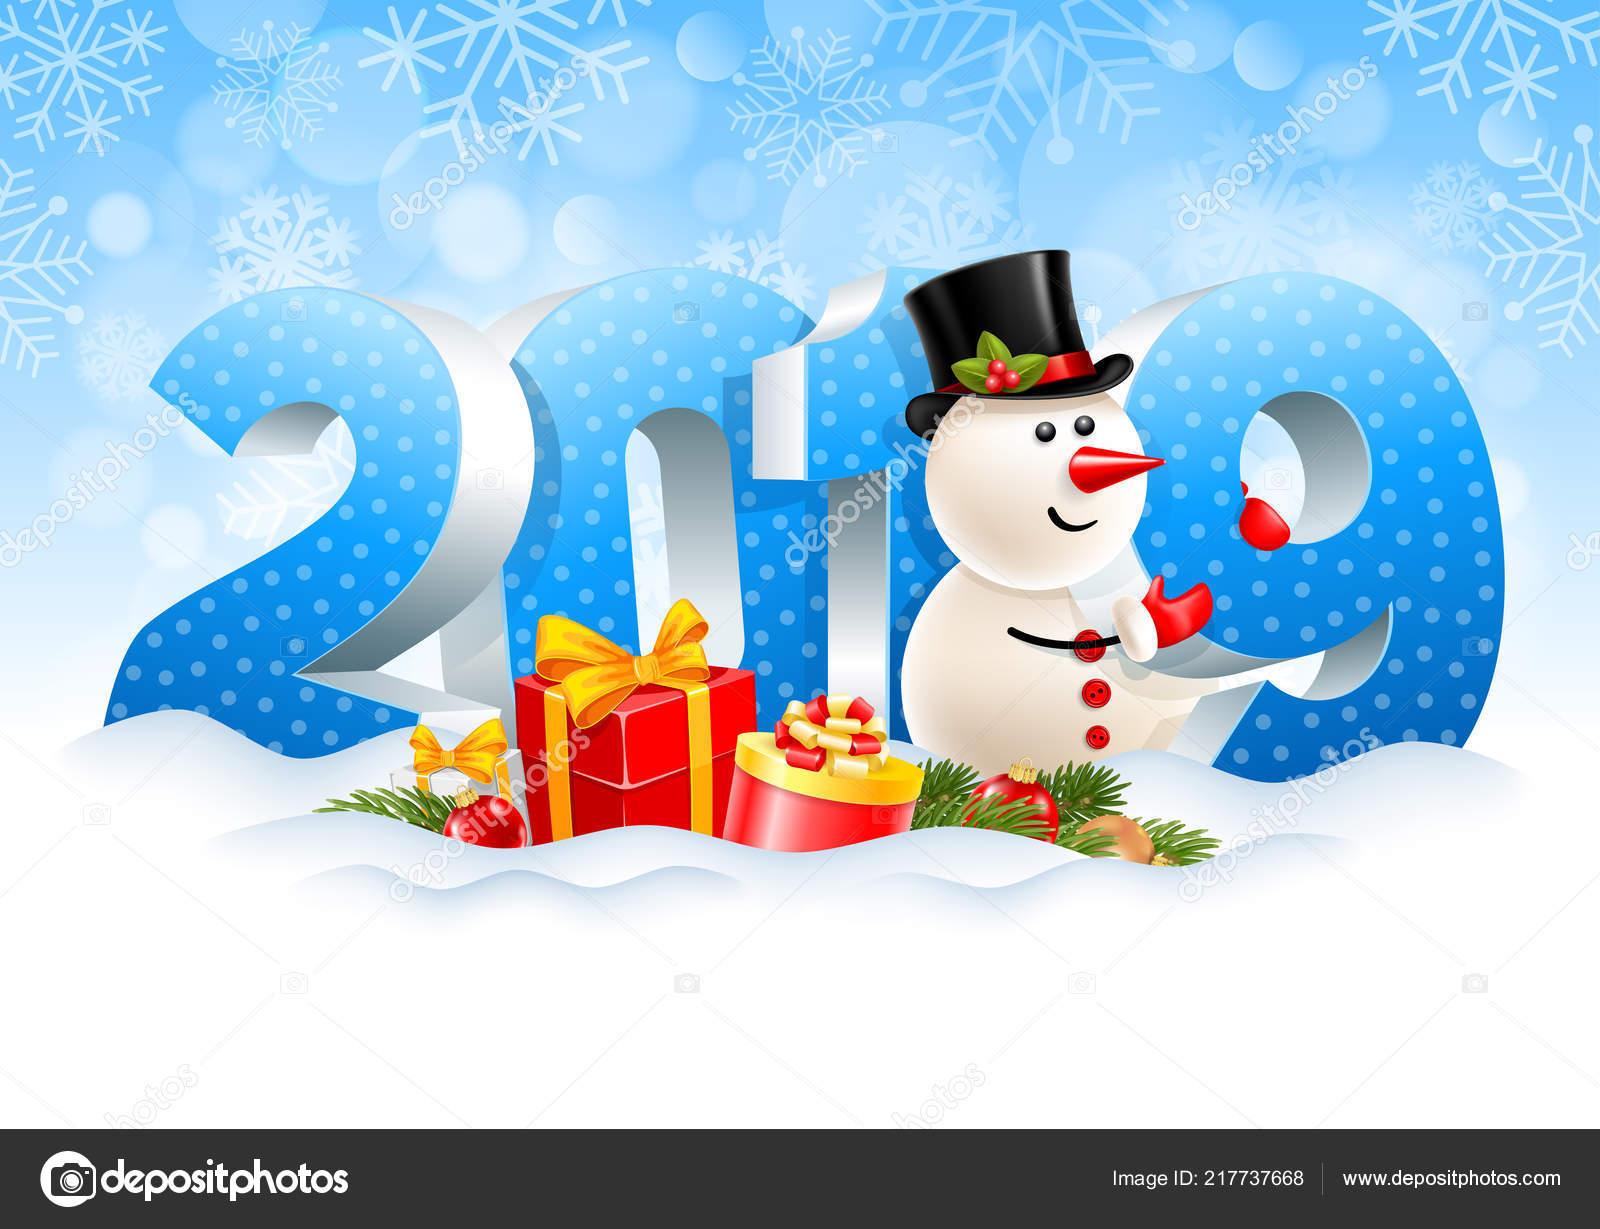 Geschenkideen weihnachten 2019